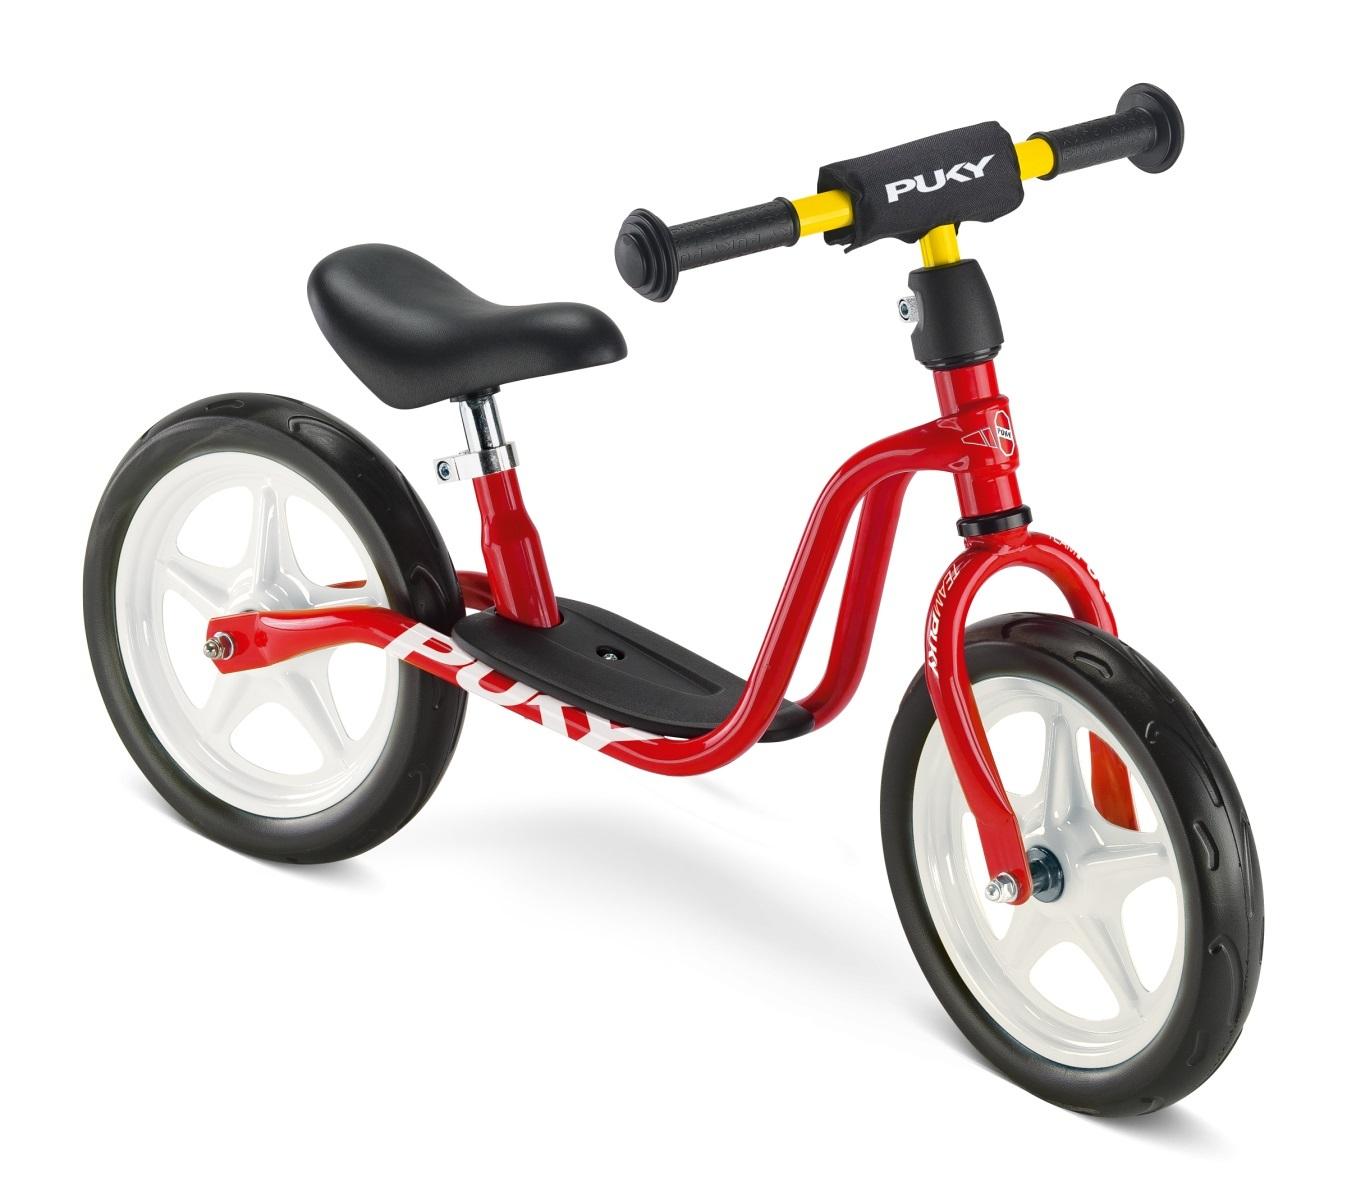 PUKY Odrážadlo Learner Bike Standard LR1 s pneu EVA - červené